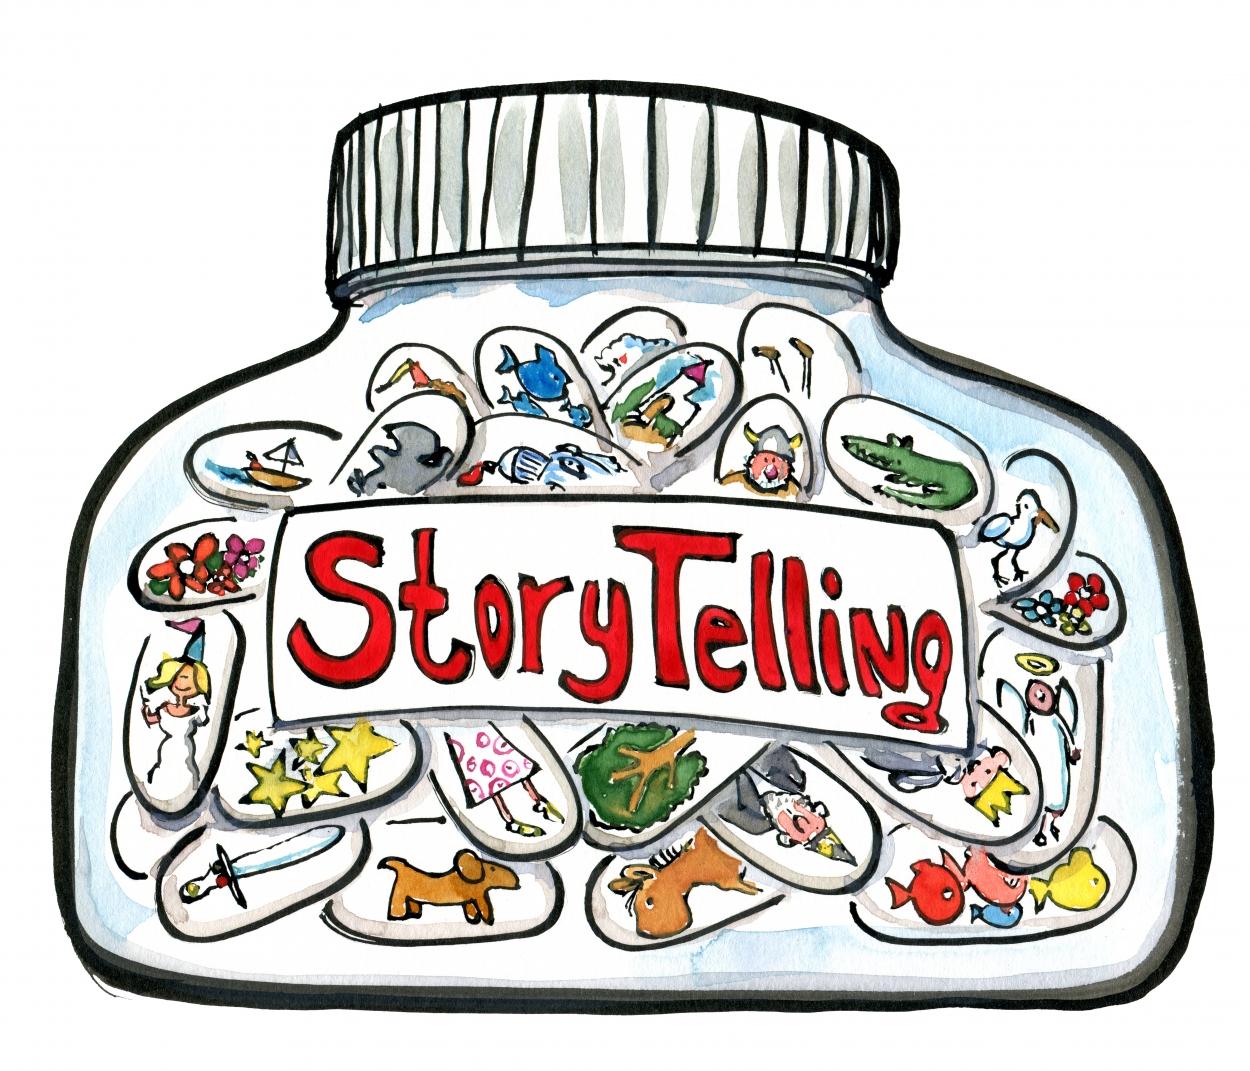 89b658283463982270a2463f91f5b6f8_storyteller.